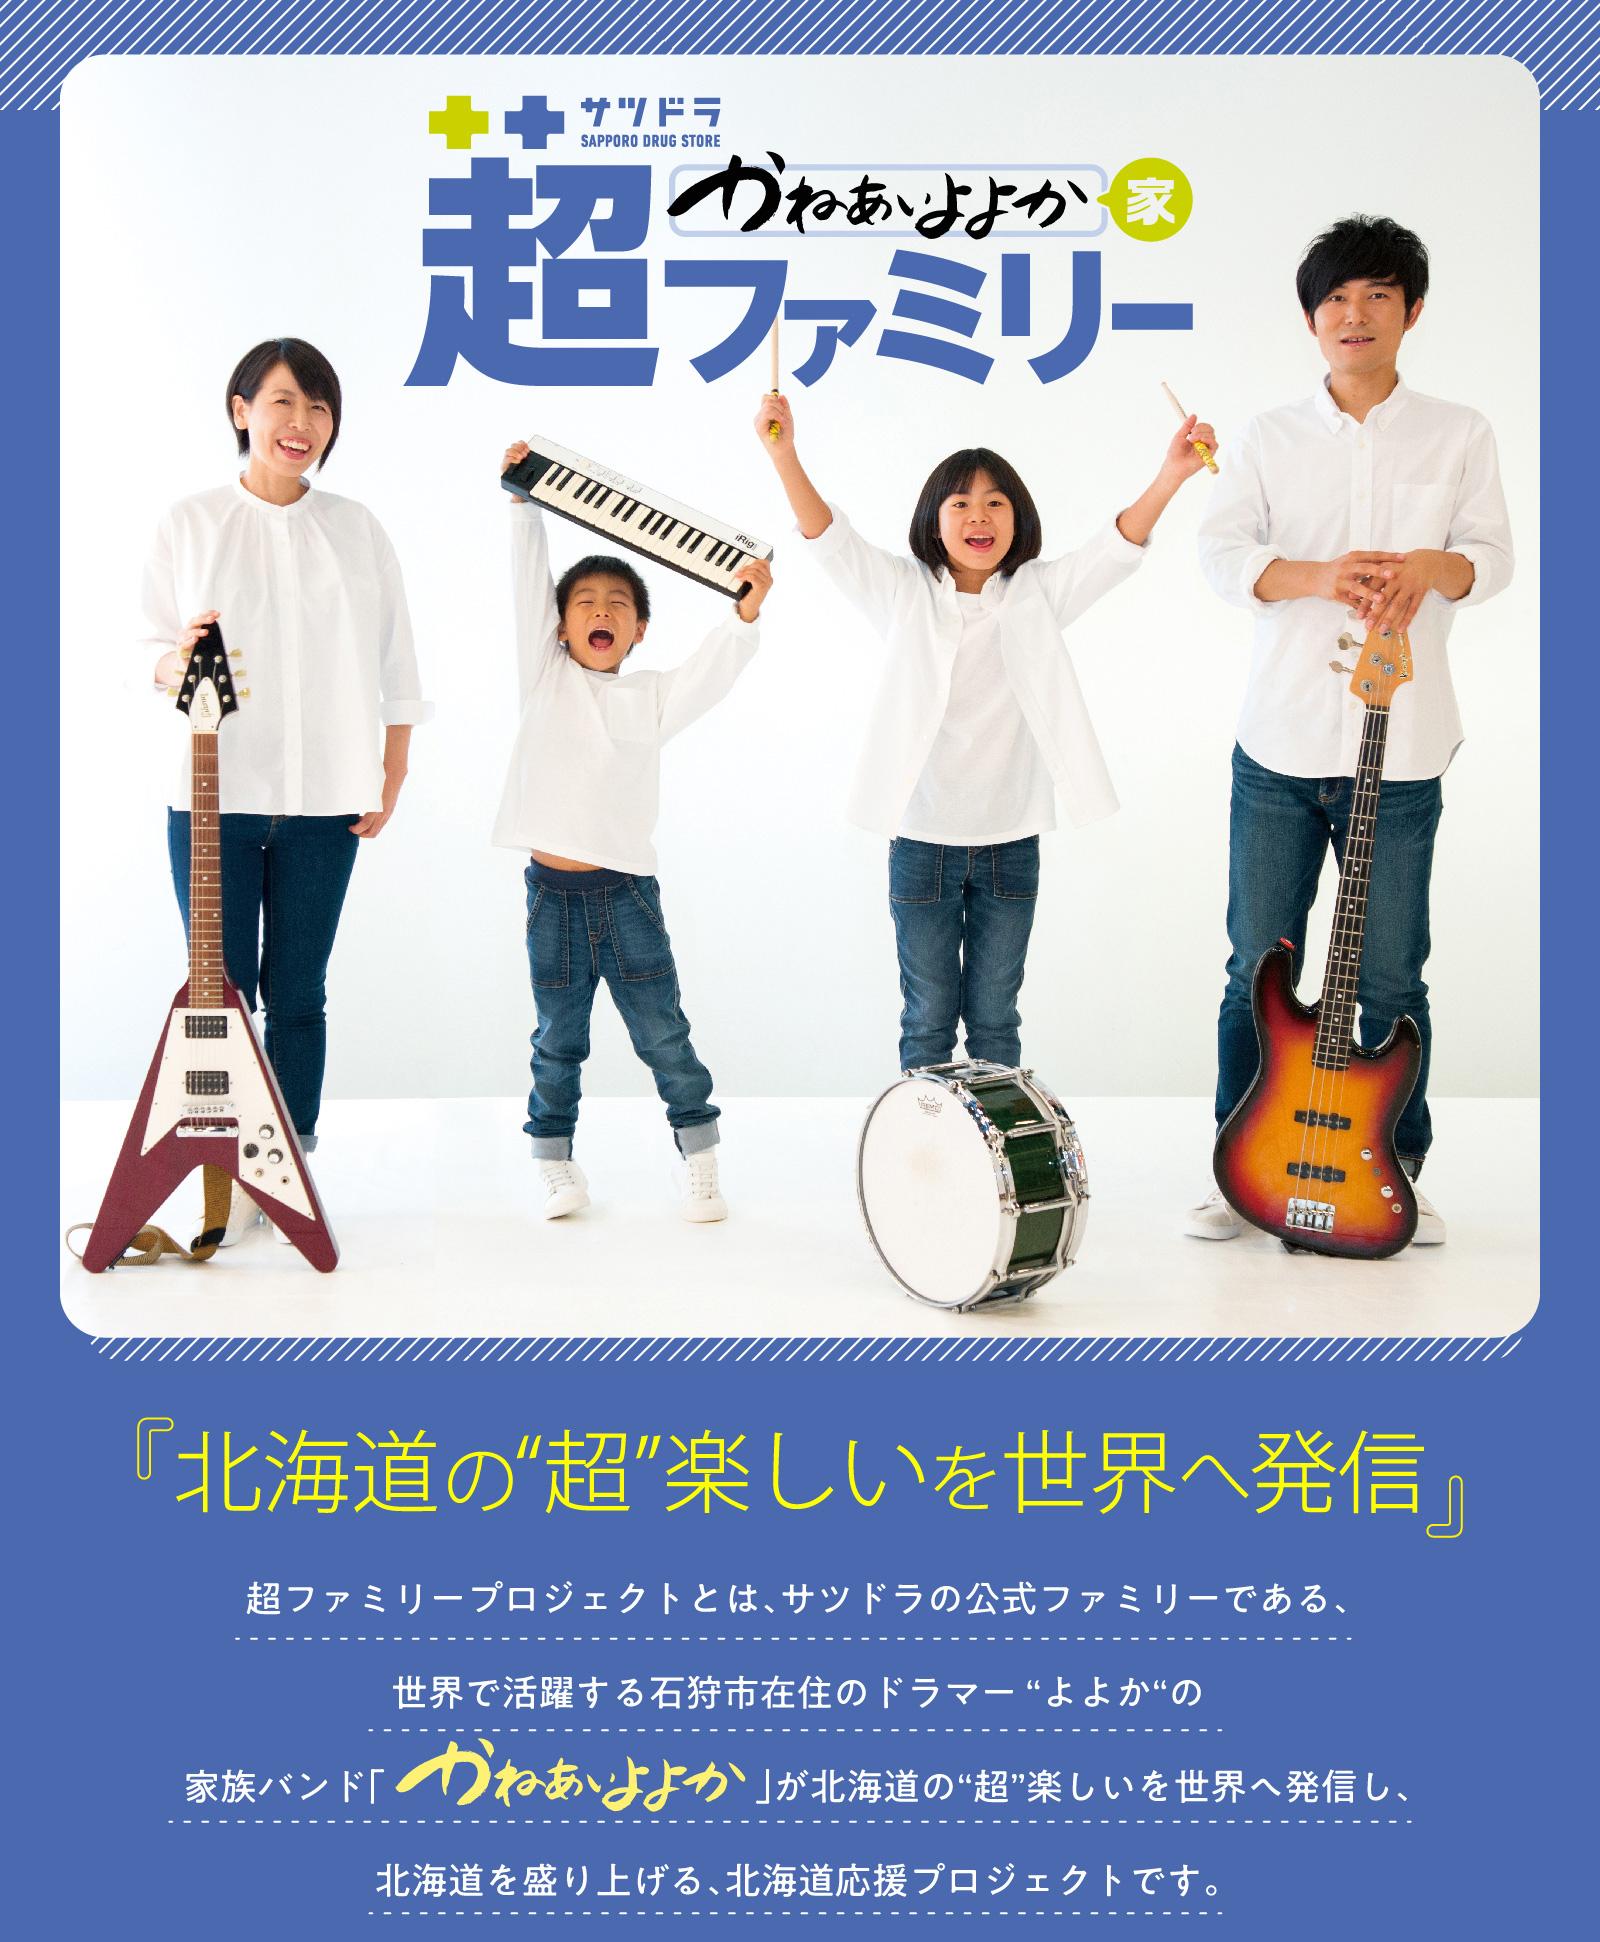 北海道の超楽しいを世界へ発信